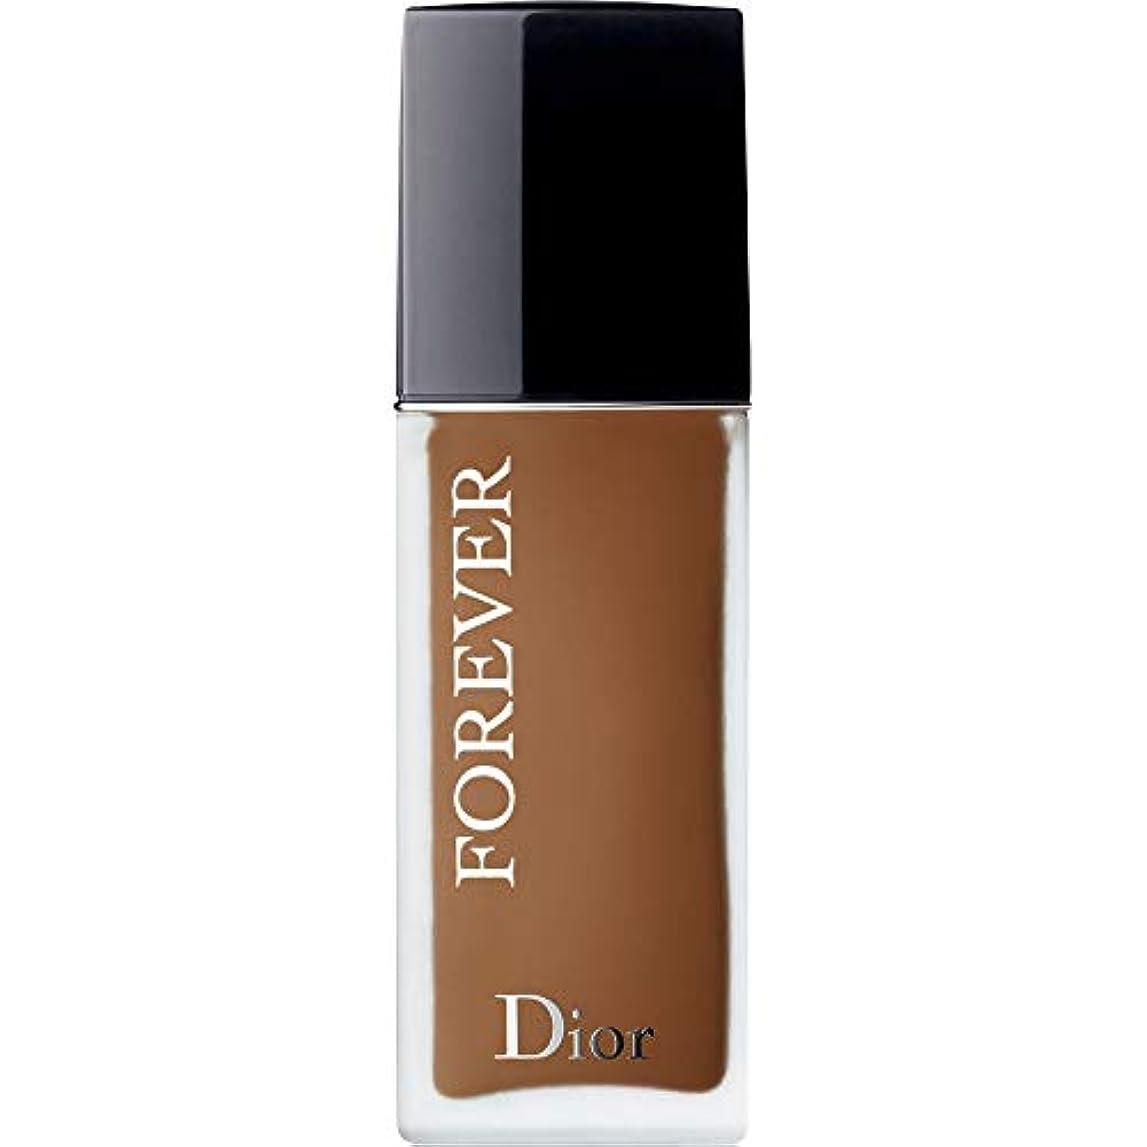 サイトライン出血バックグラウンド[Dior ] ディオール永遠皮膚思いやりの基盤Spf35 30ミリリットルの7N - ニュートラル(つや消し) - DIOR Forever Skin-Caring Foundation SPF35 30ml 7N -...